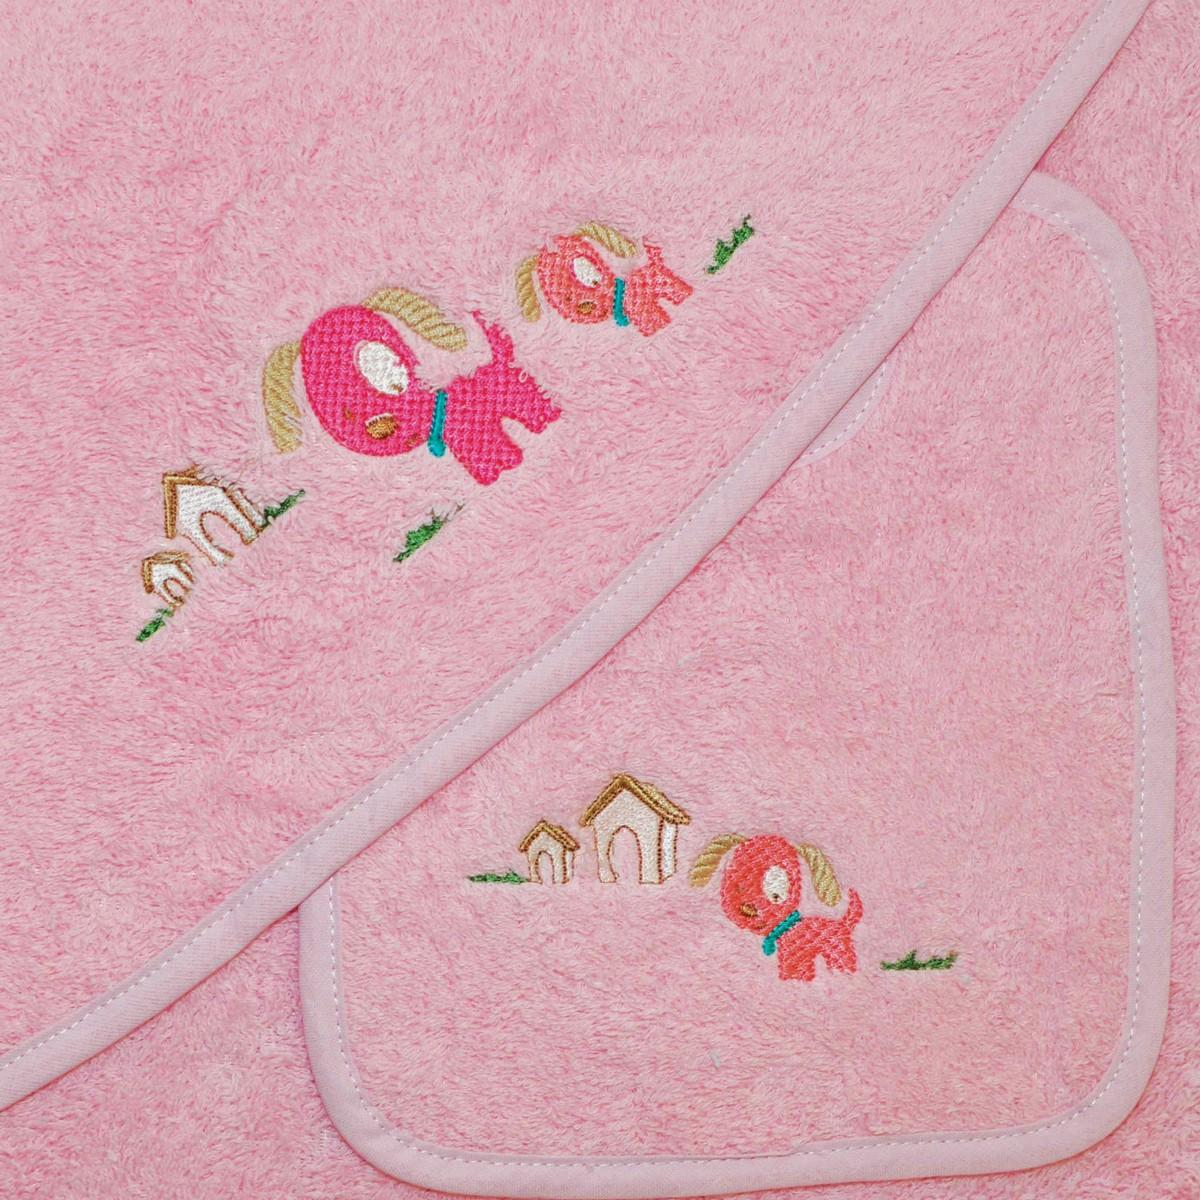 Βρεφική Κάπα + Σαλιάρα Morven 610 Pink